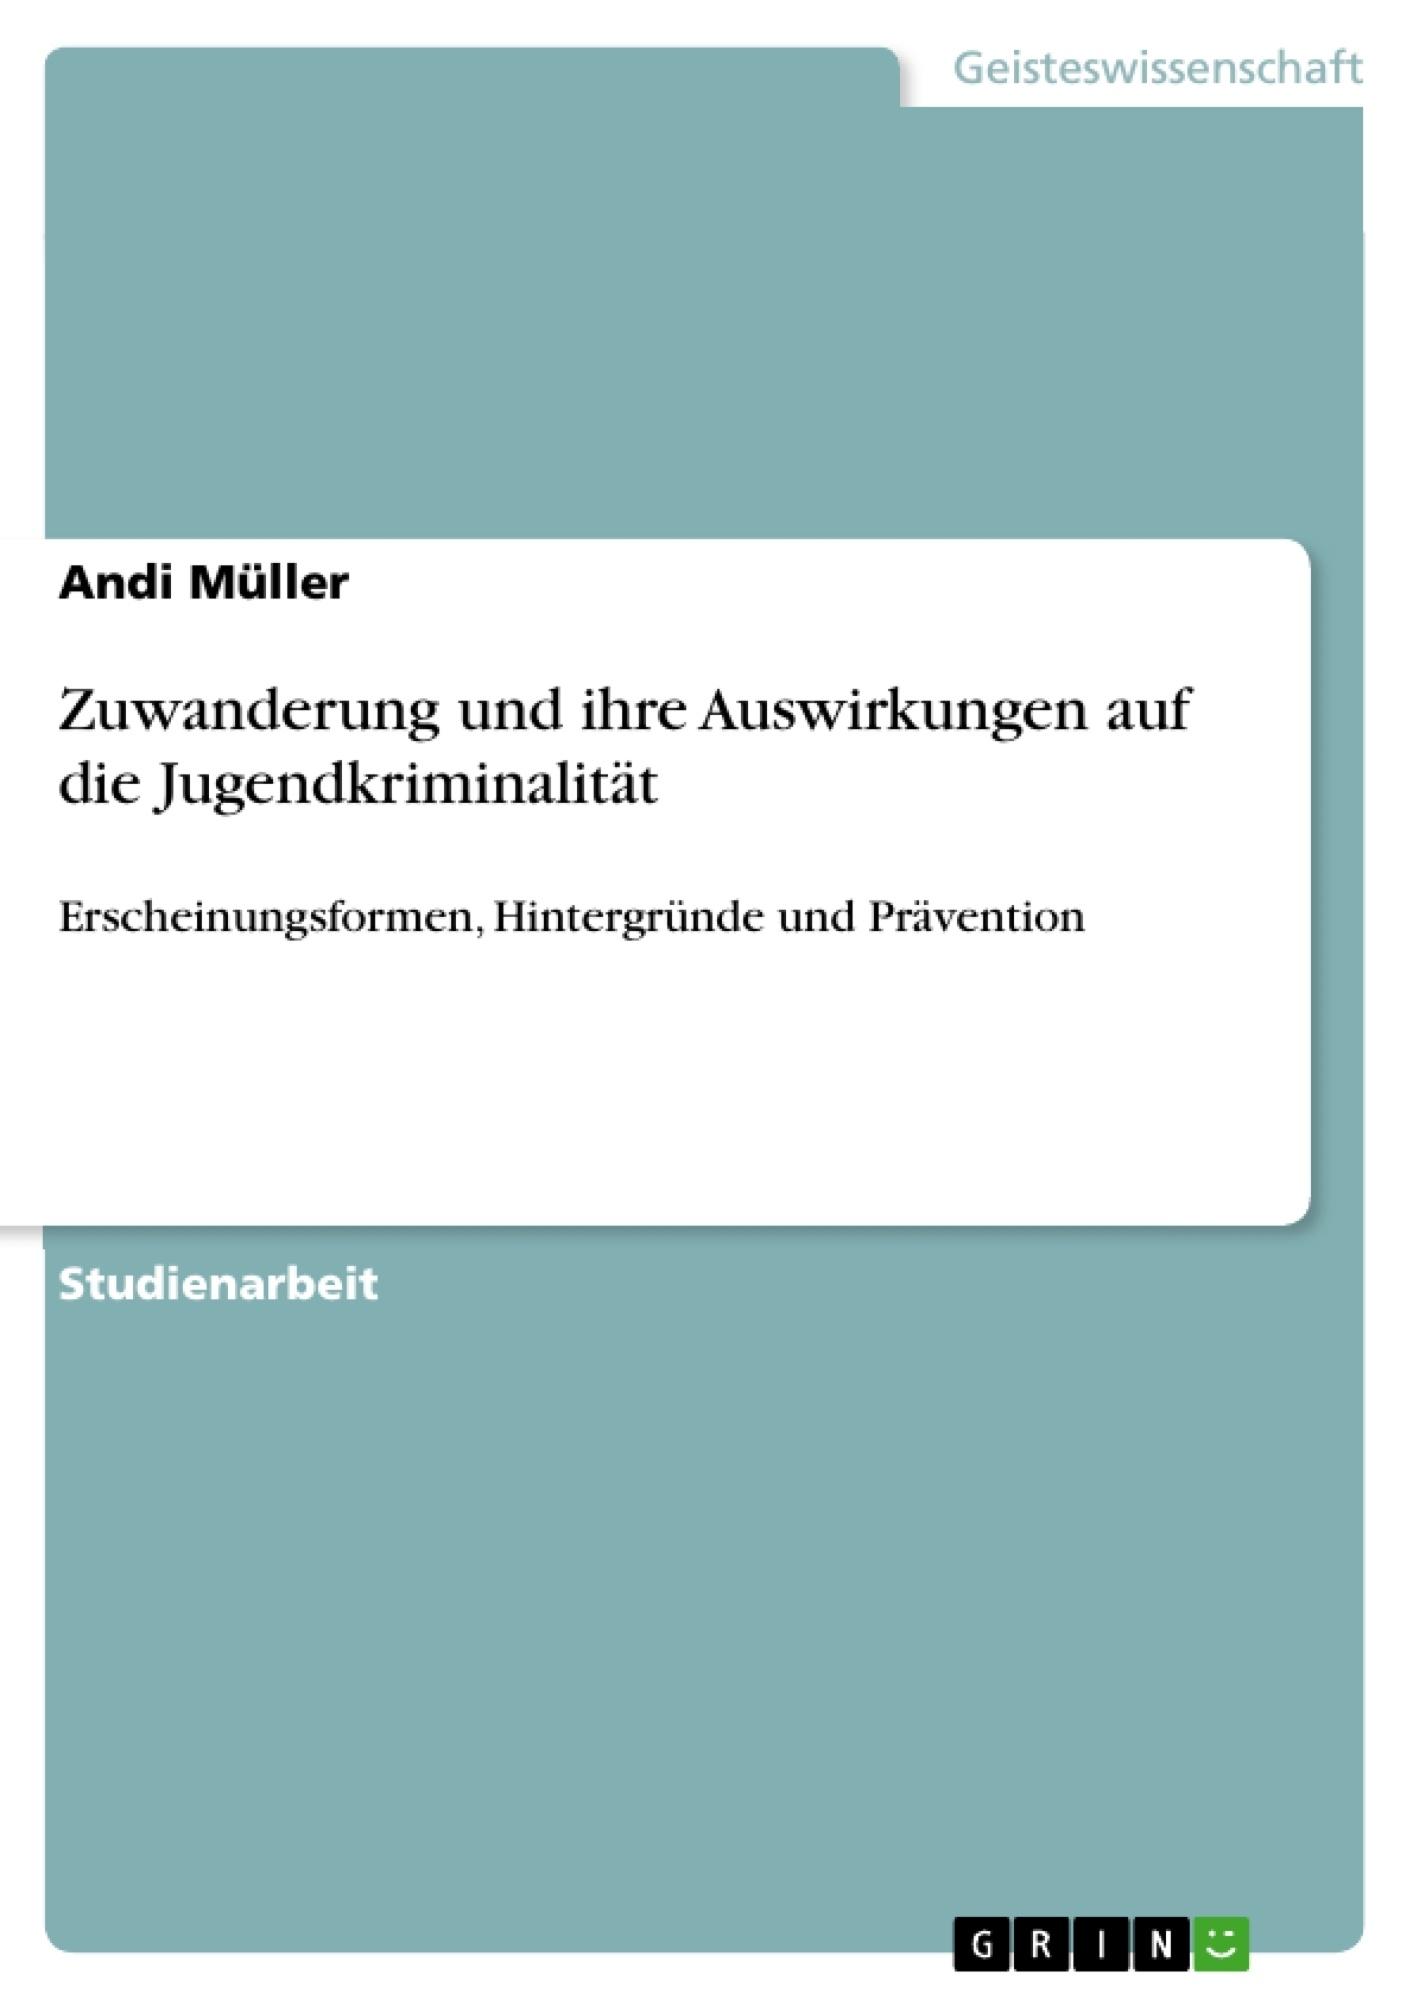 Titel: Zuwanderung und ihre Auswirkungen auf die Jugendkriminalität